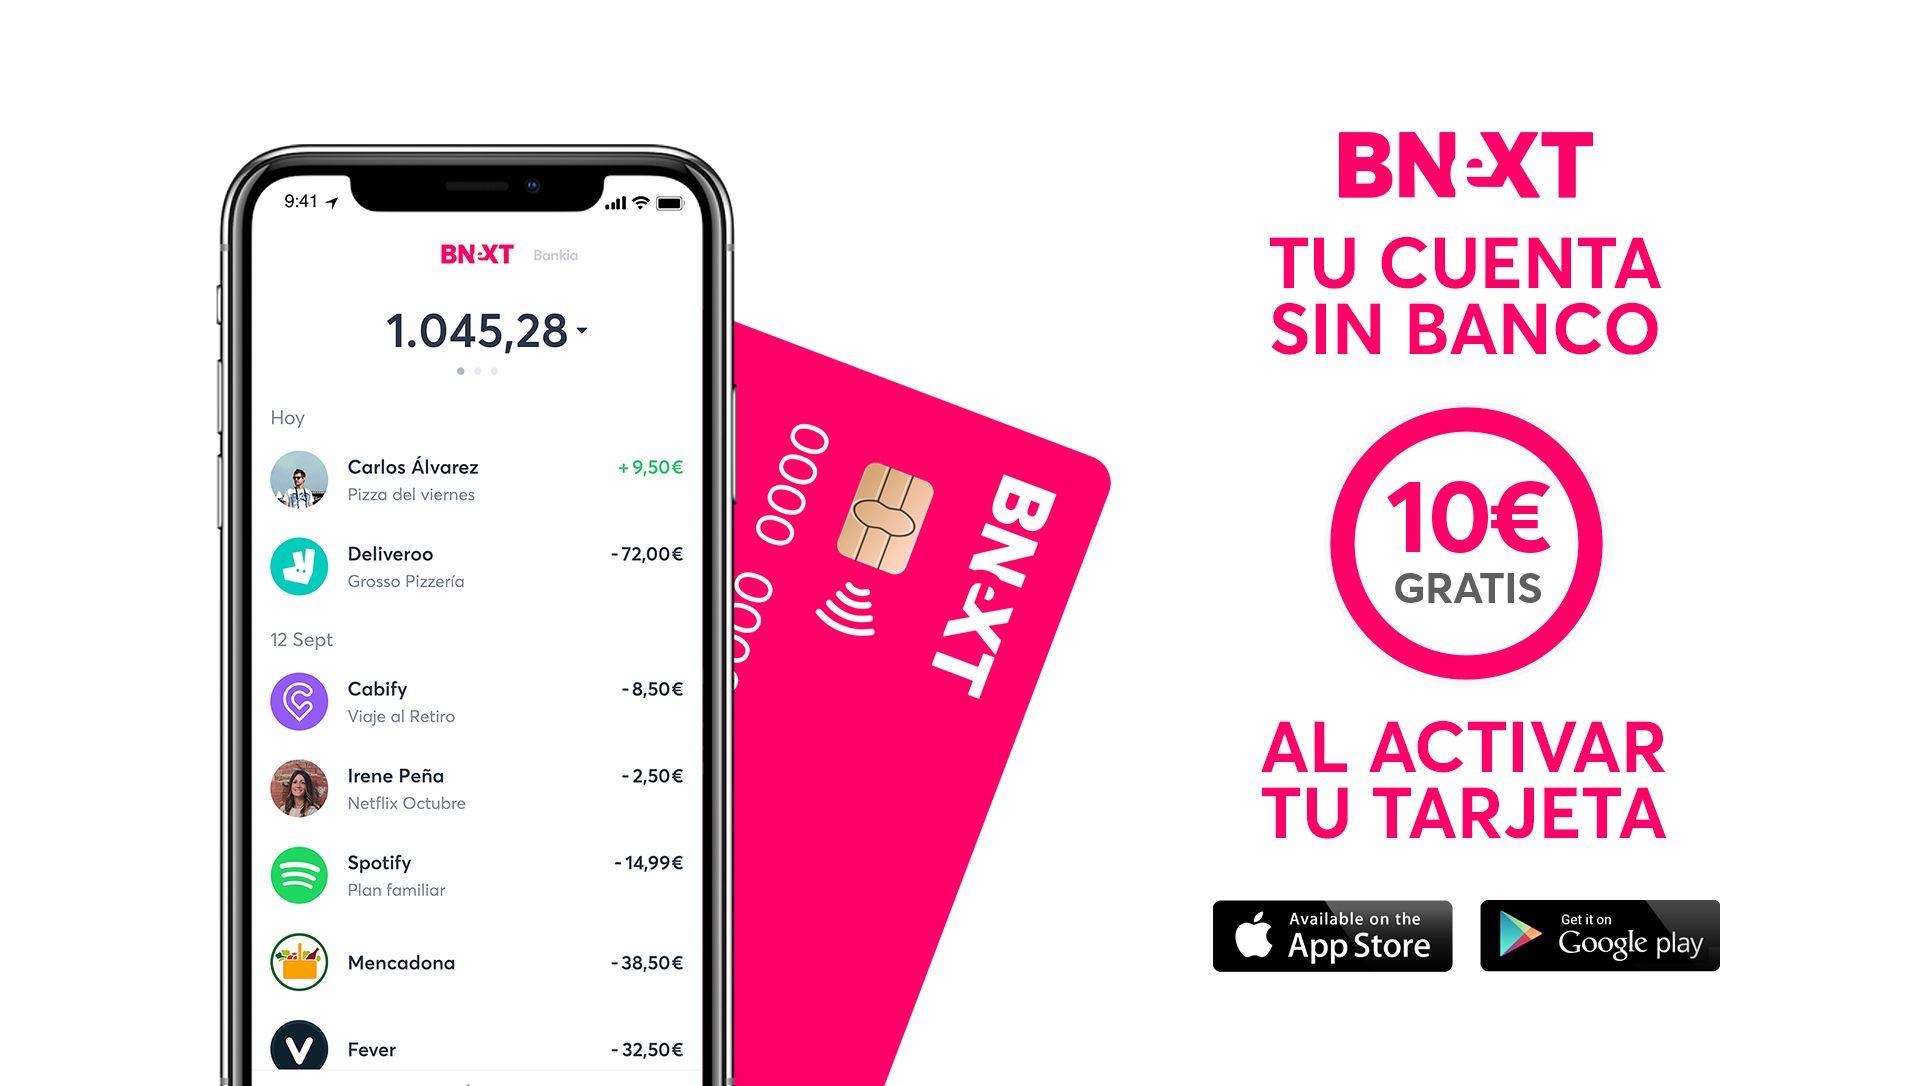 tarjeta bnext para sacar dinero en el extranjero gratis